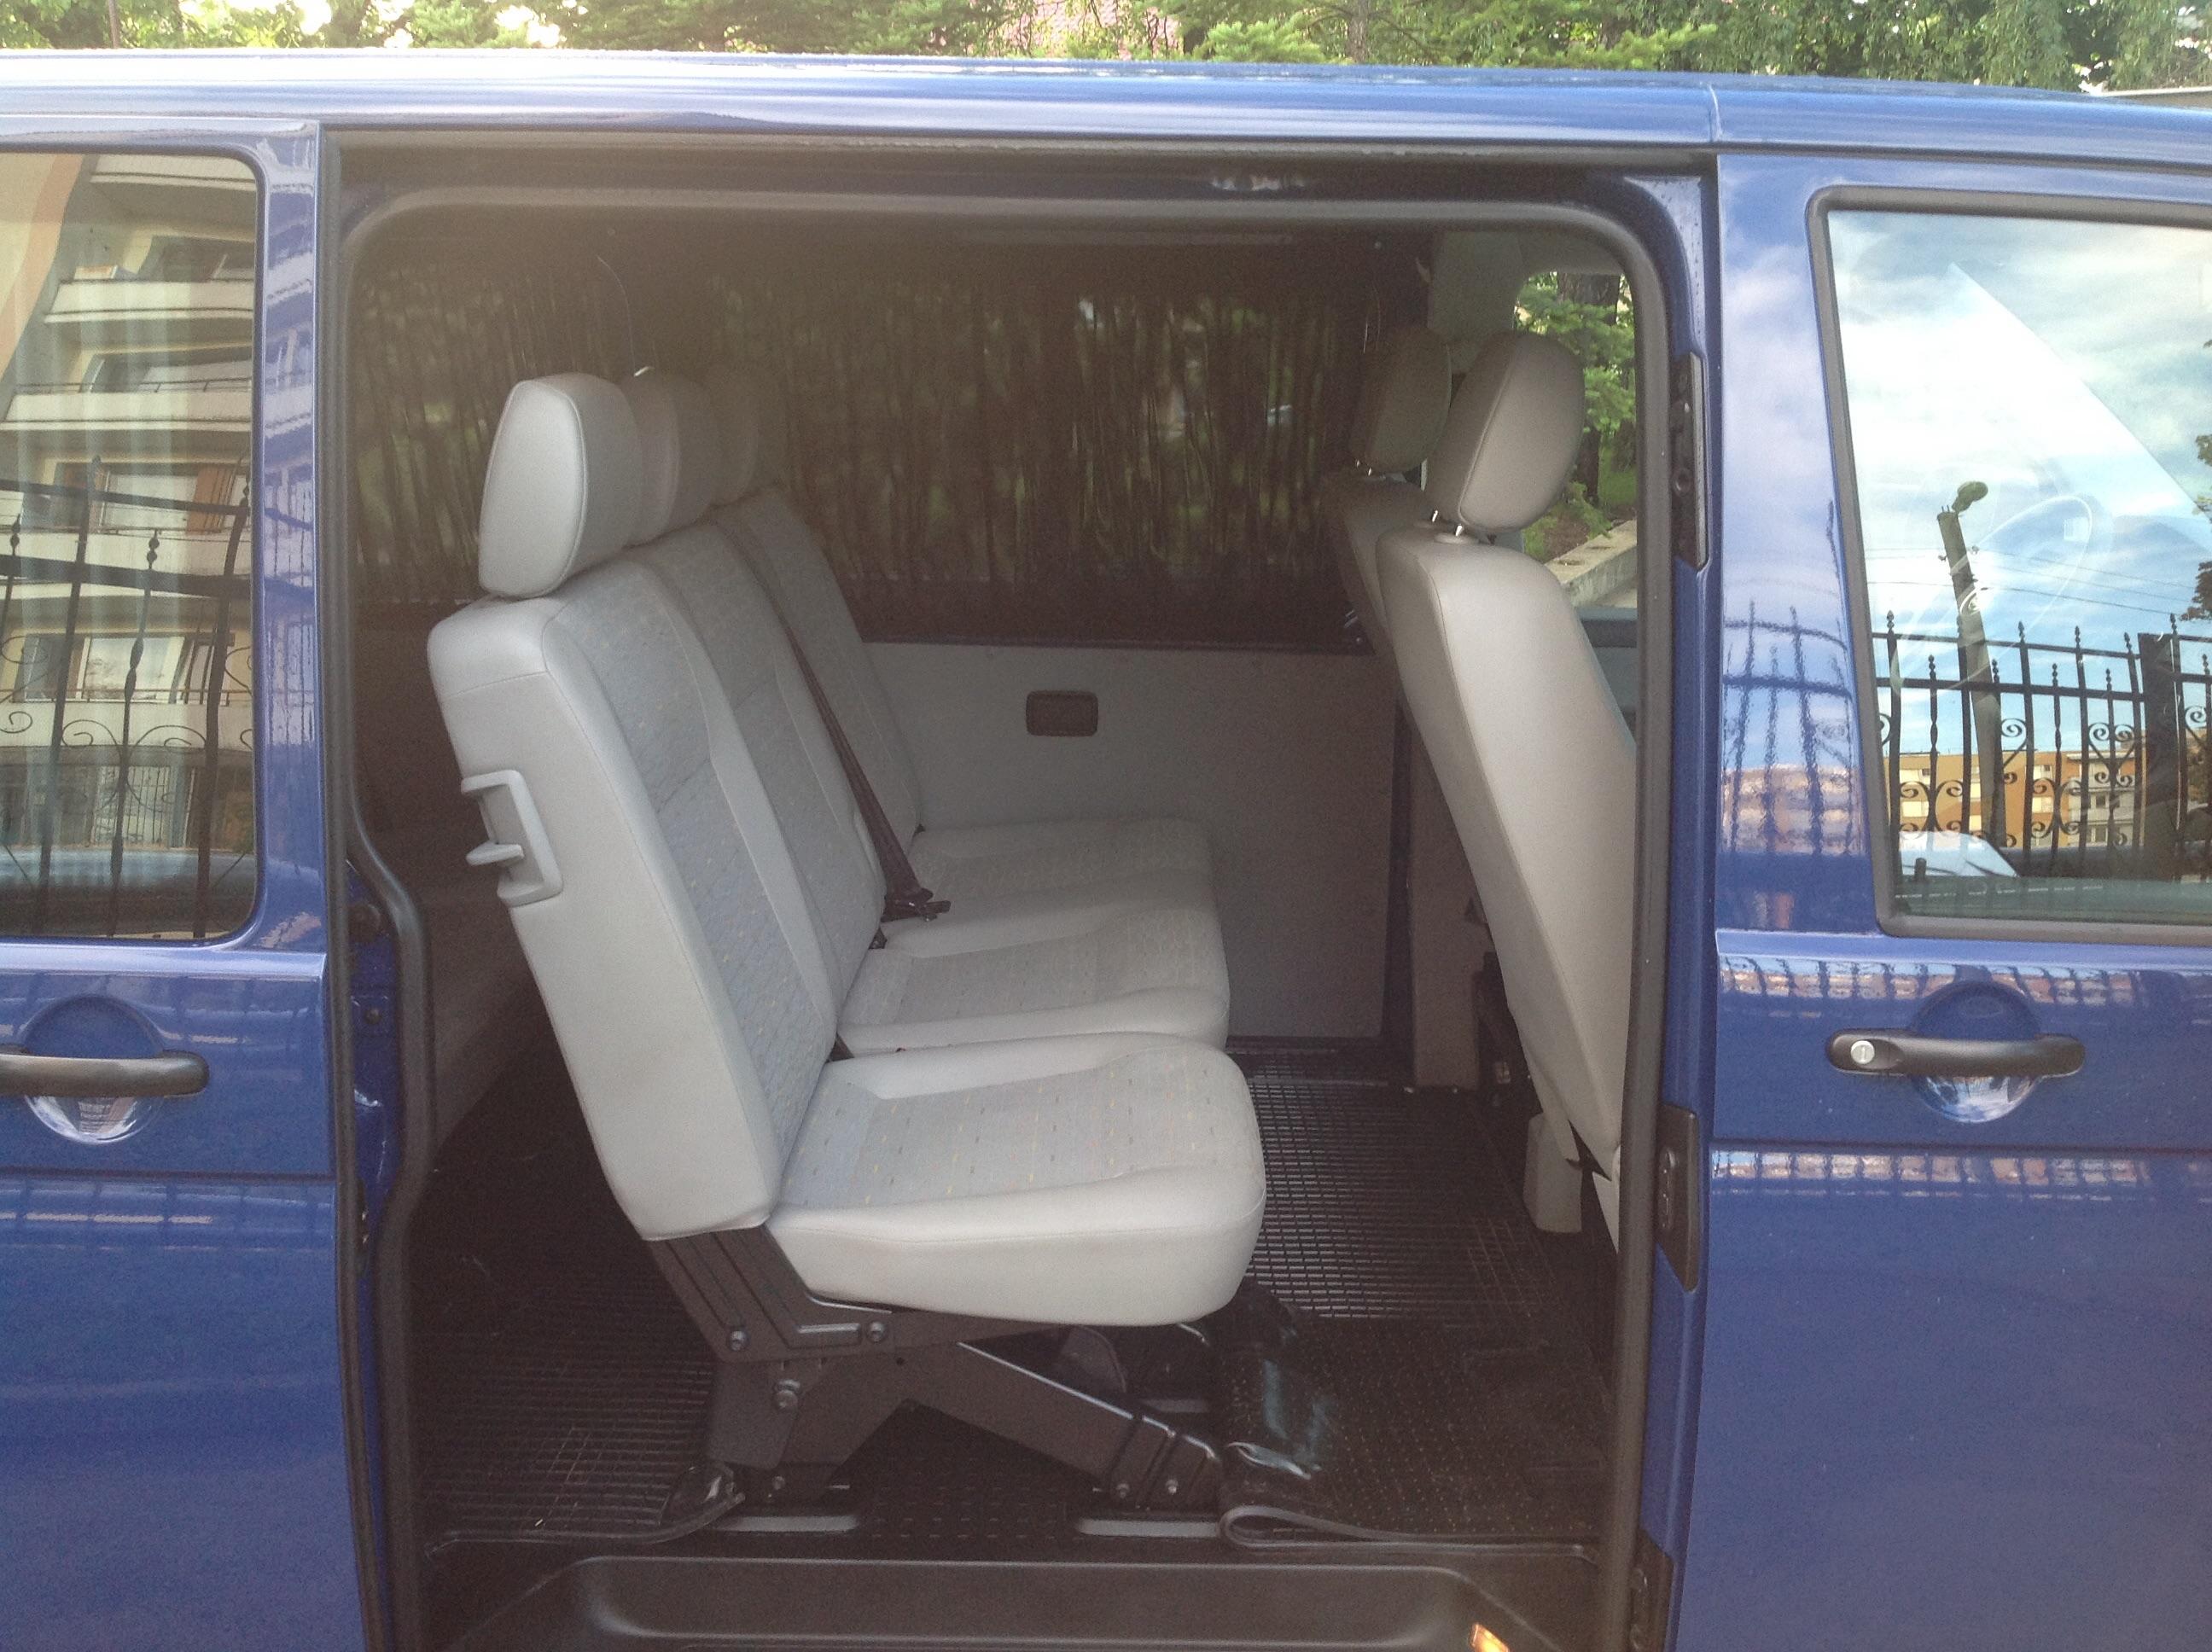 Volkswagen T5 Long внутри сзади